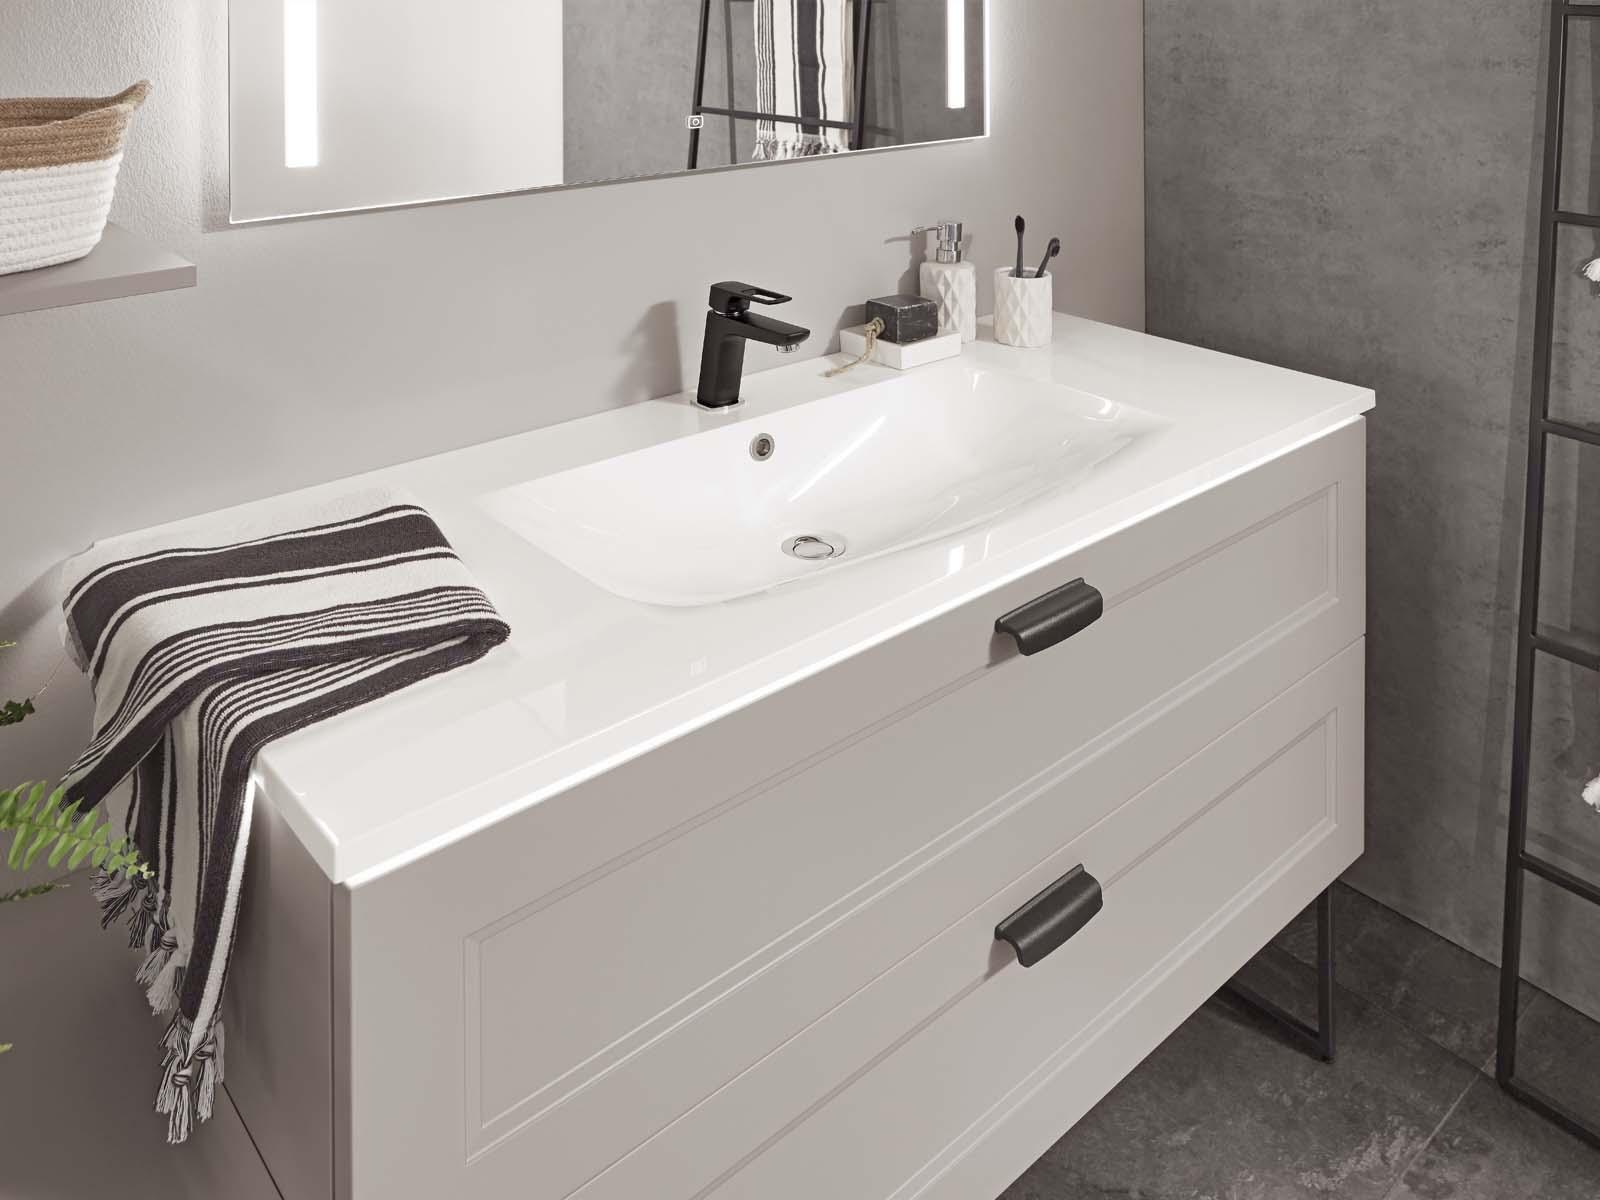 Küchentime Cascada 772 - Bathroom